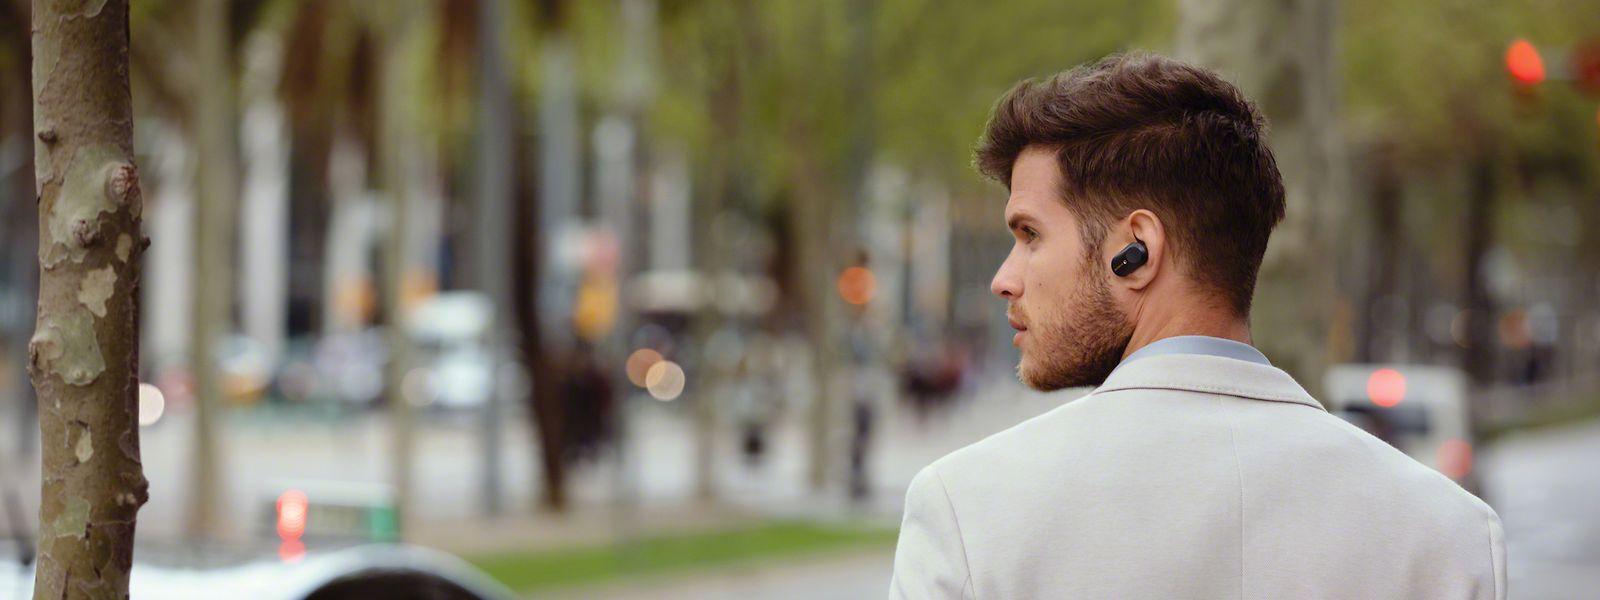 Lärmreduzierende Kopfhörer, die Geräusche um sich herum vergessen machen, liegen schwer im Trend.